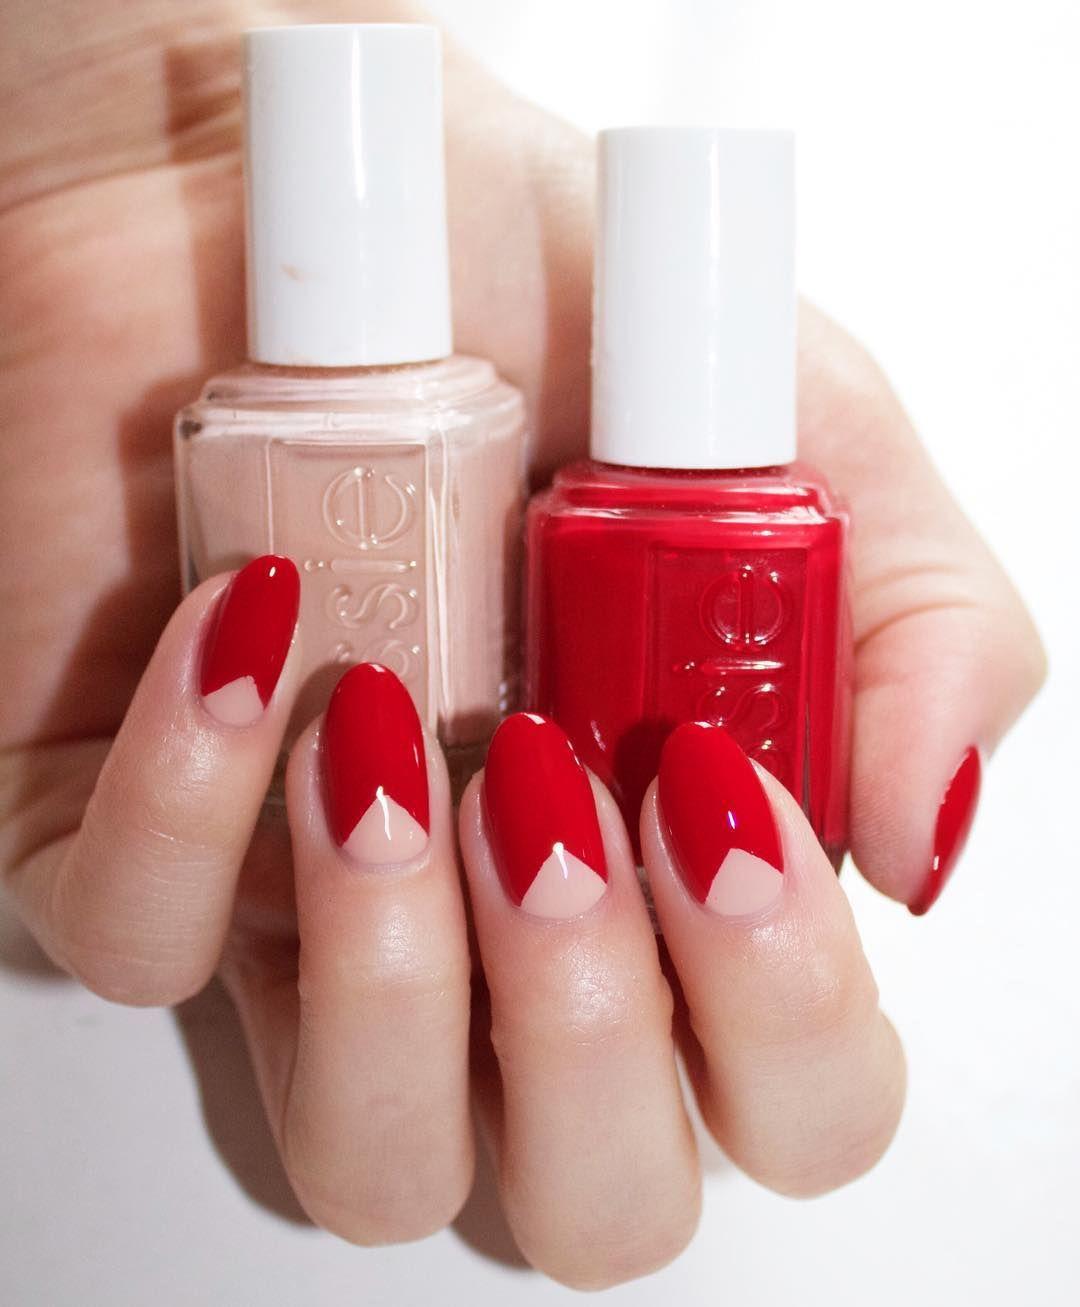 A holiday nail look with this perfect nail polish color pairing ...